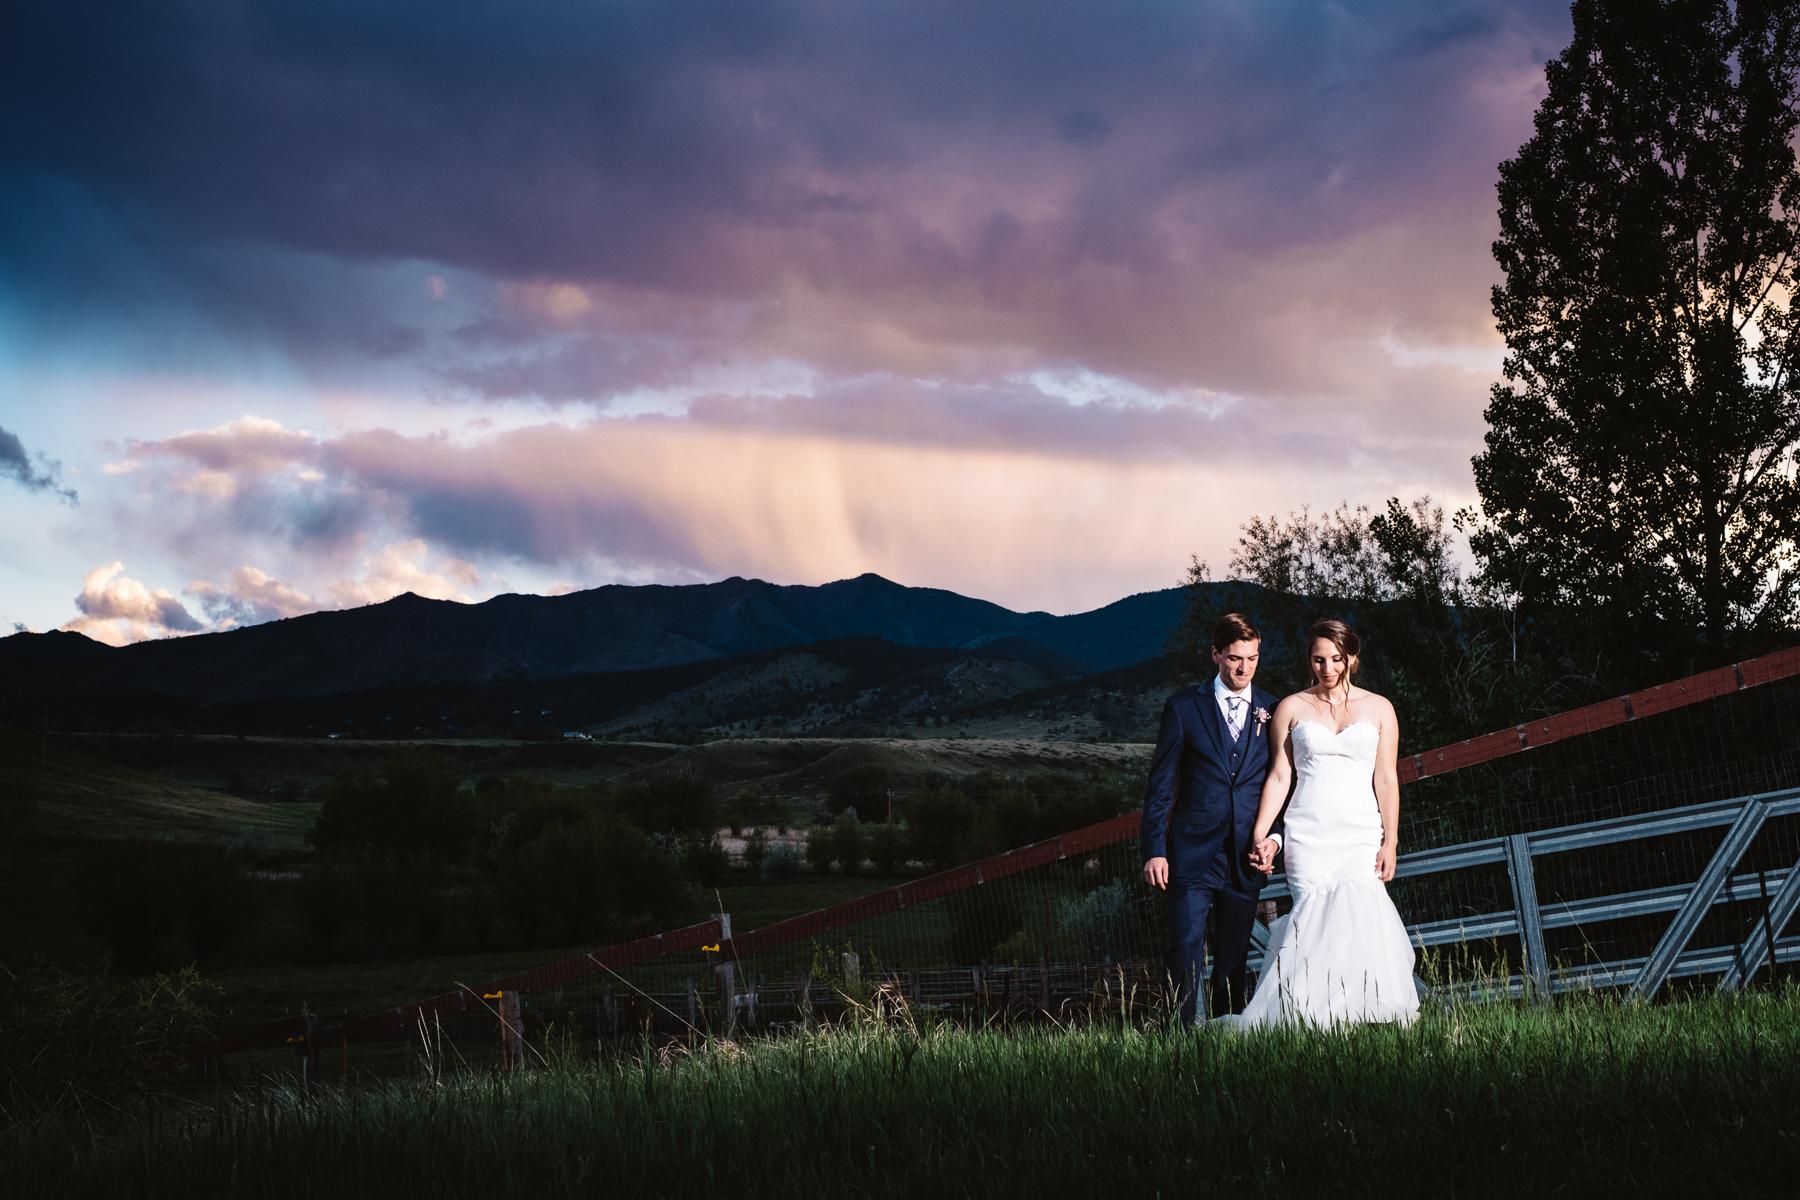 Chelsie+Mike-Lone-Hawk-Farm-Wedding-059.jpg